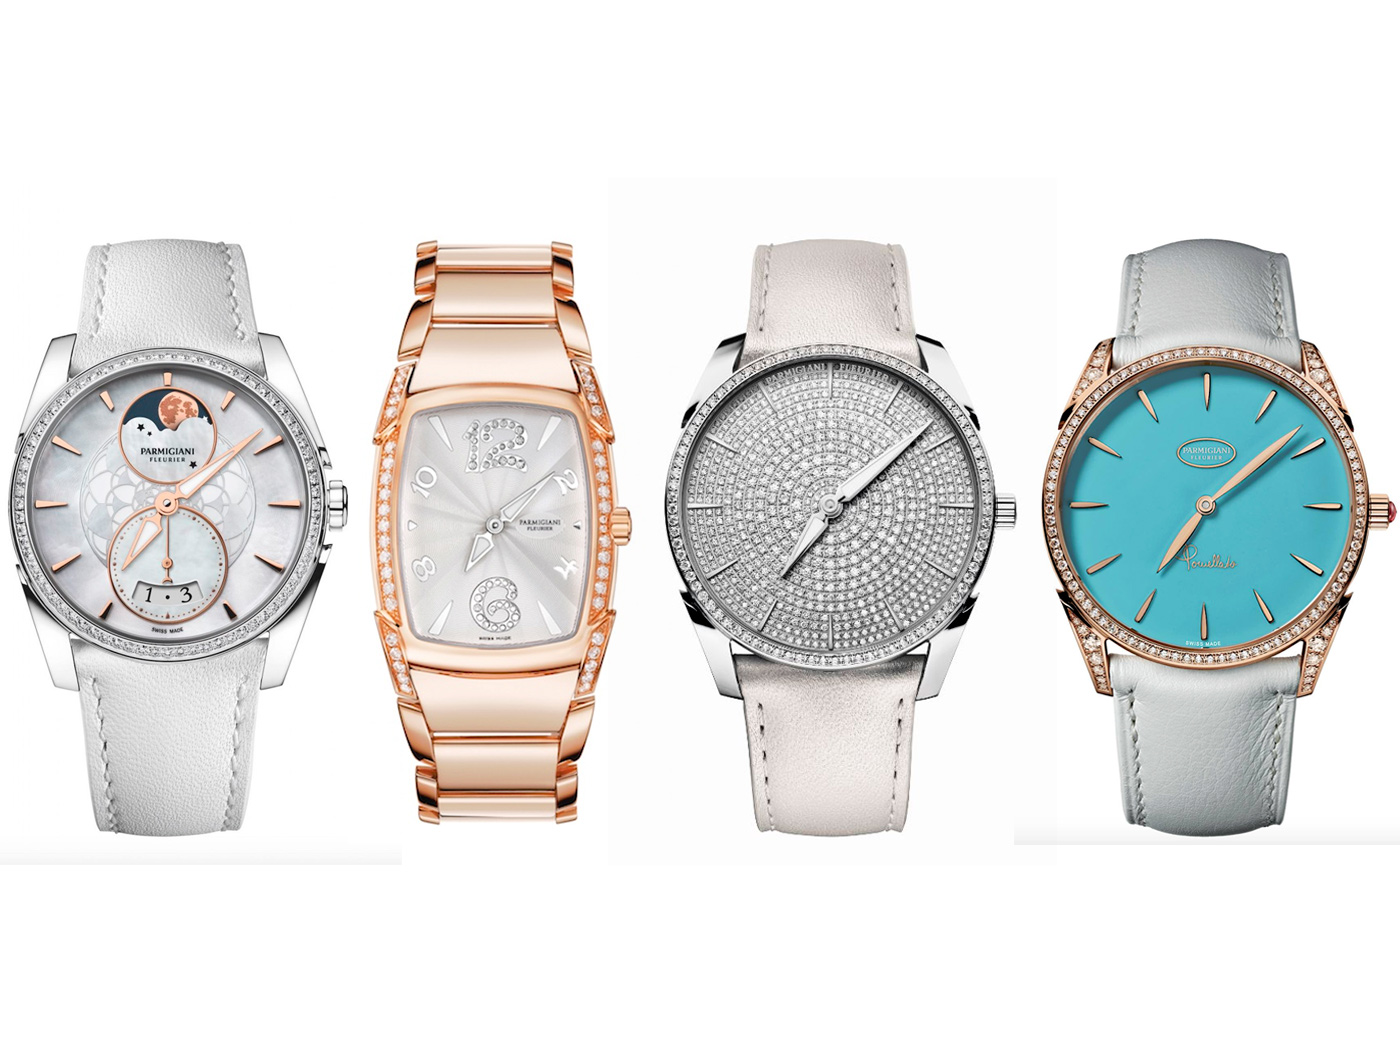 Parmigiani Fleurier: i quattro modelli di orologio proposti hihglight